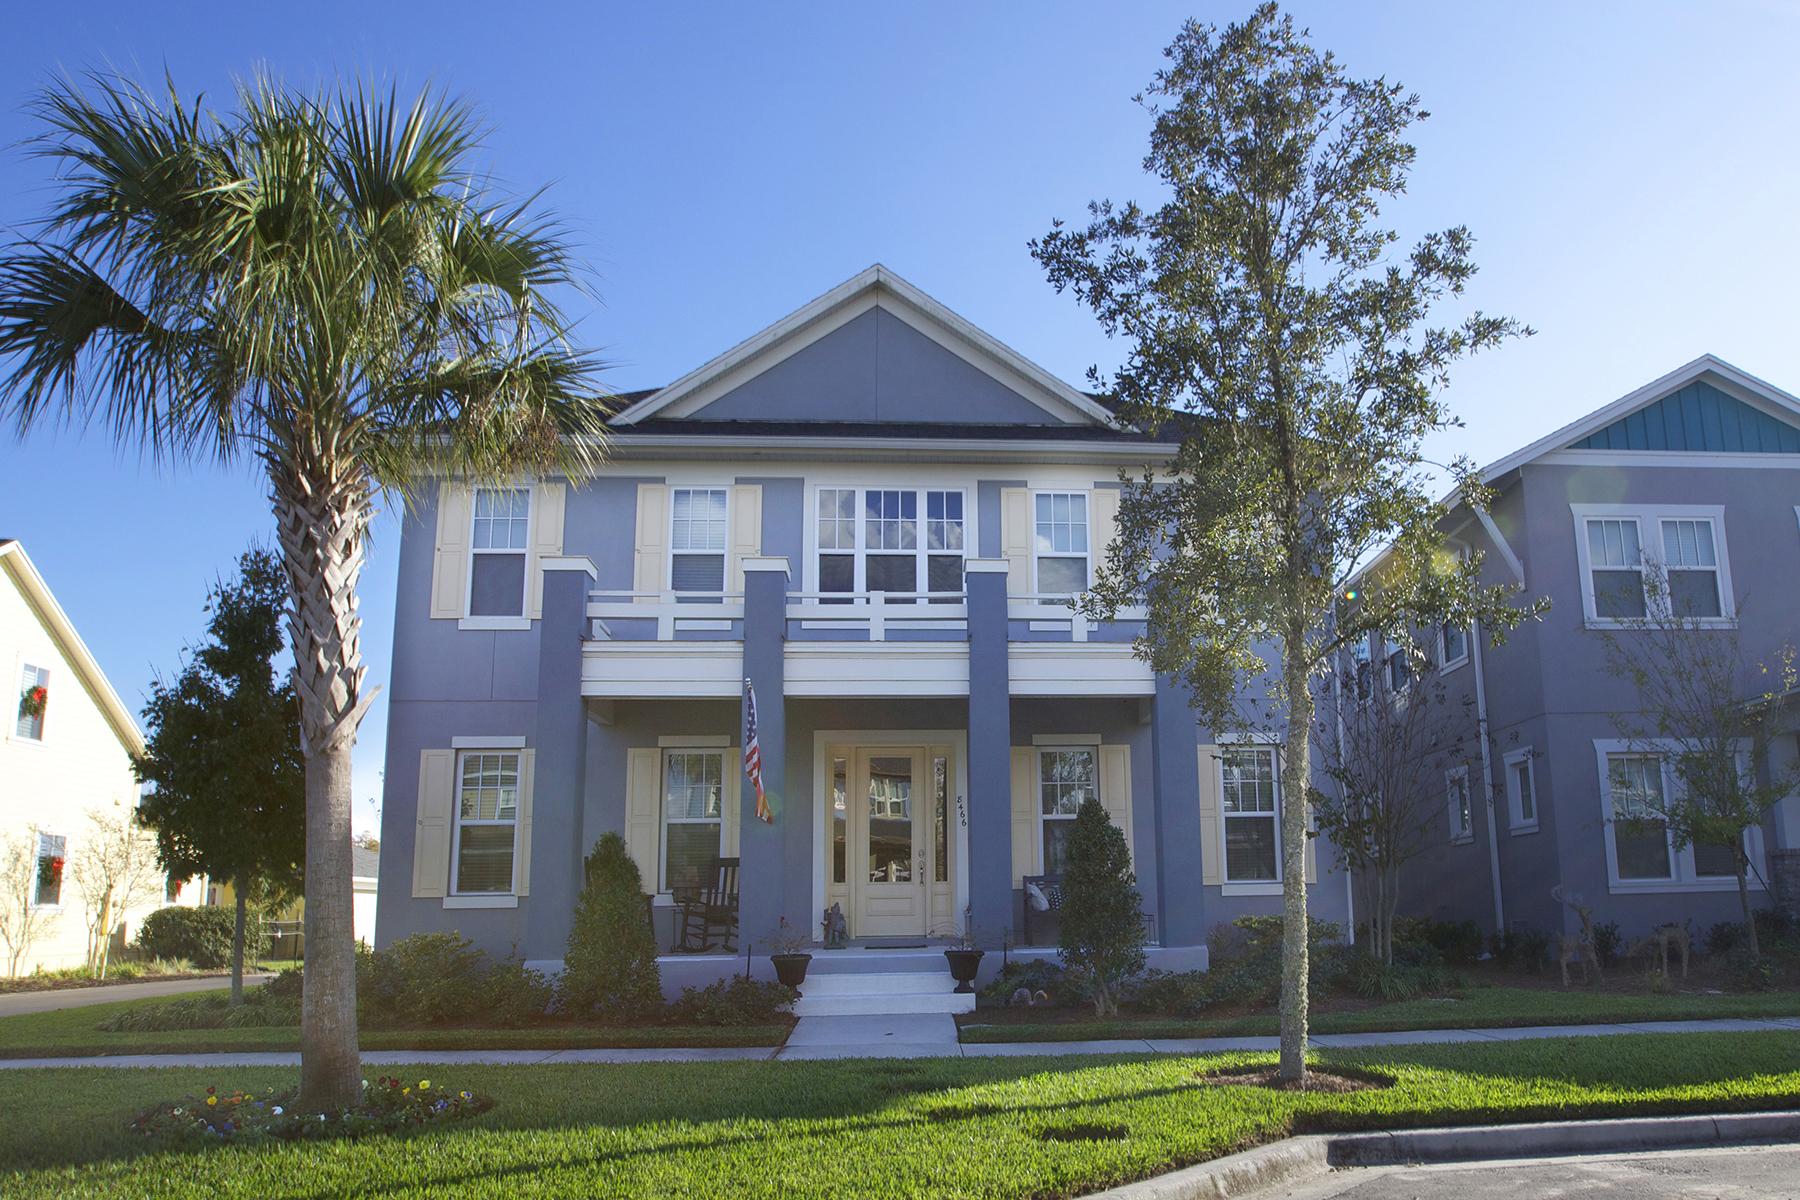 Maison unifamiliale pour l Vente à LAUREATE PARK 8466 Laureate Blvd Orlando, Florida, 32827 États-Unis